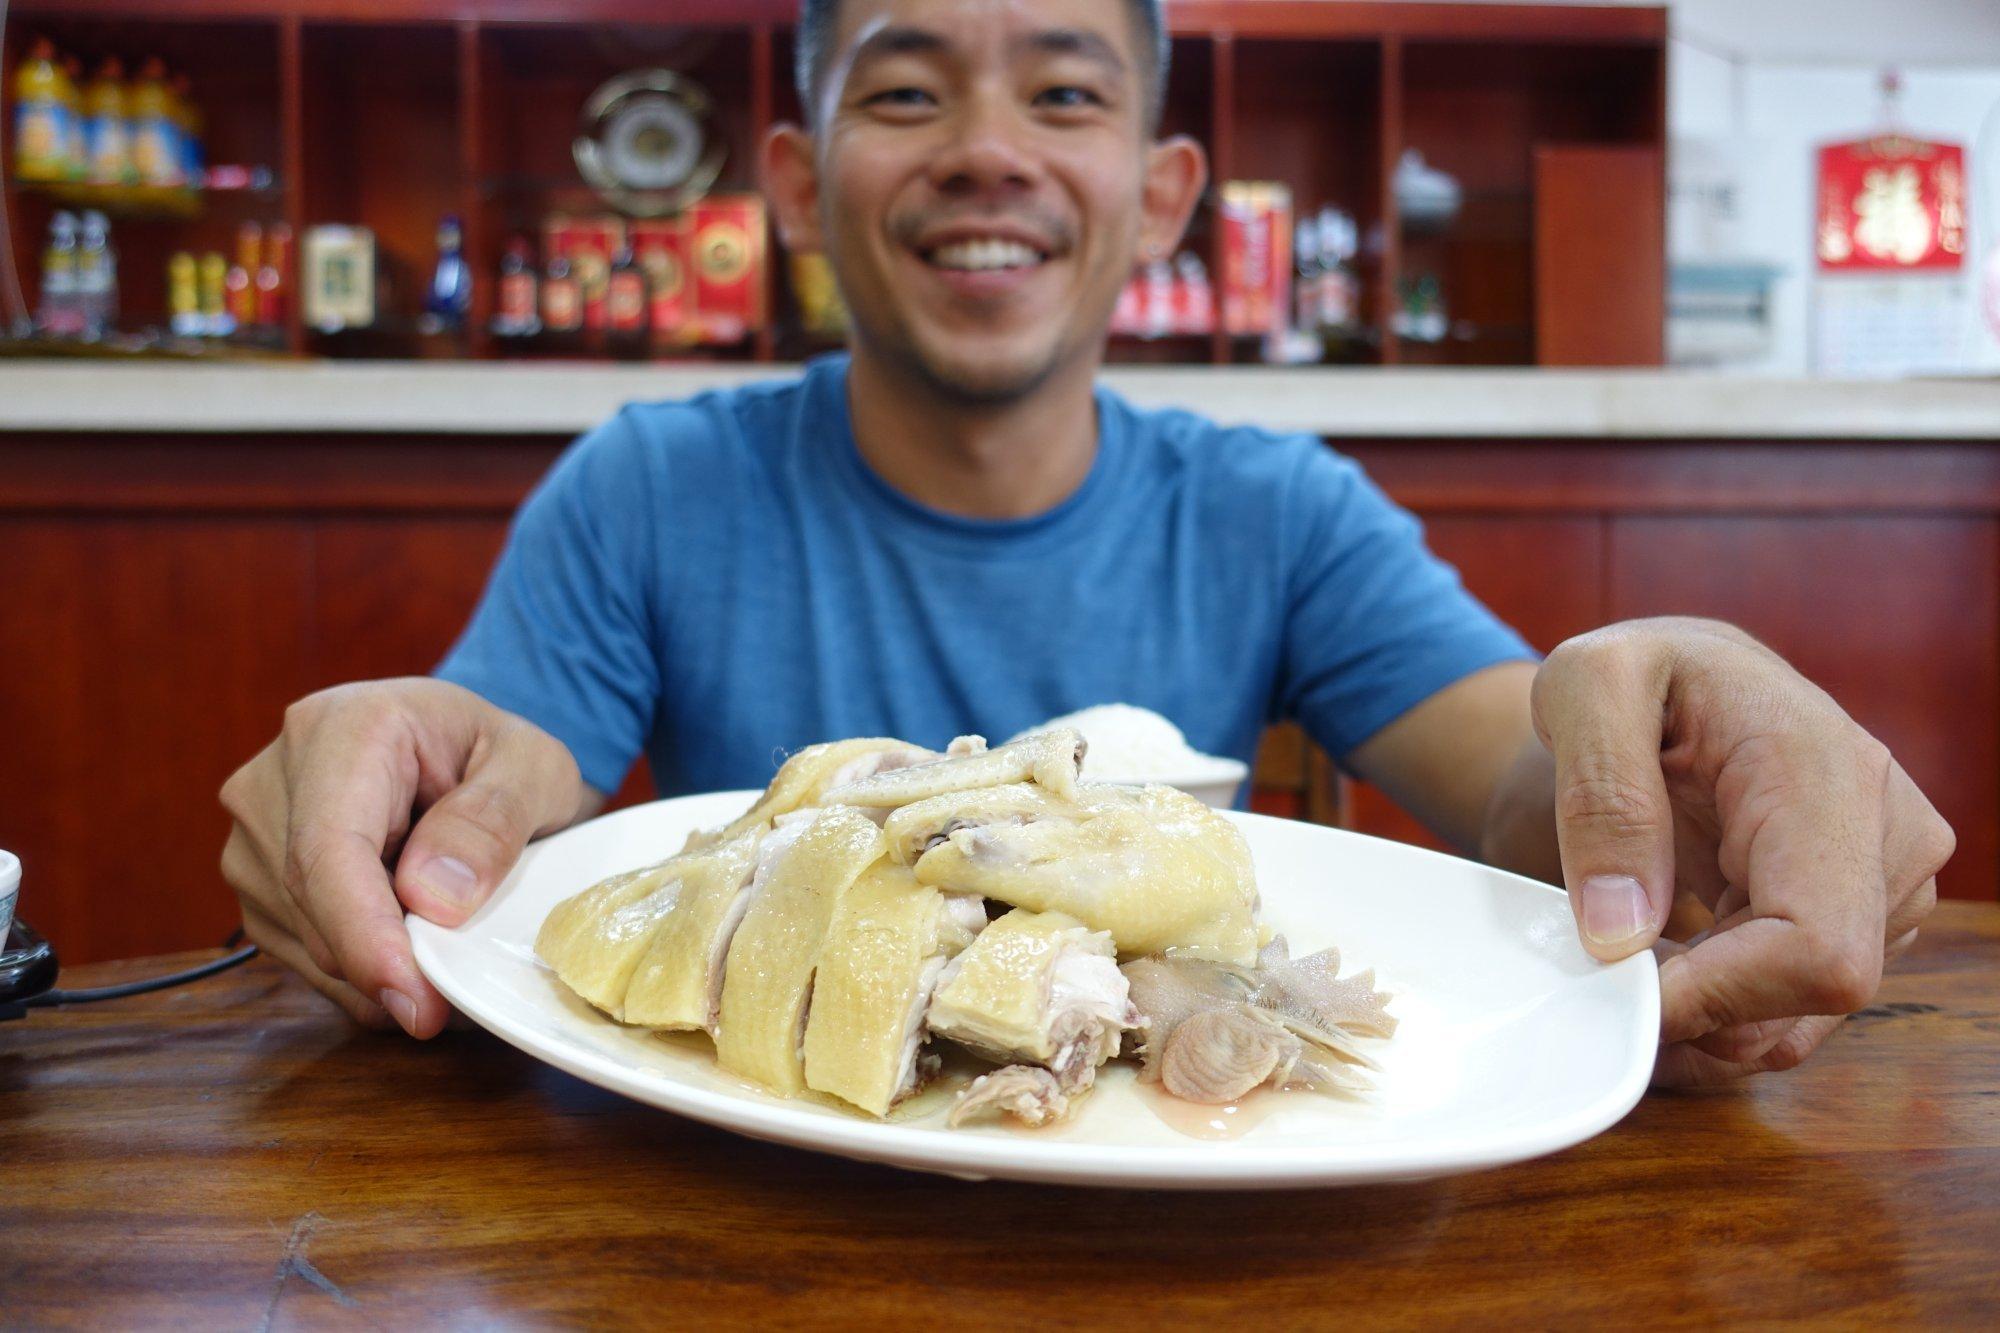 Bryan Wong with a plate of Wenchang chicken in Wenchang, Hainan, China. Photo: Bryan Wong